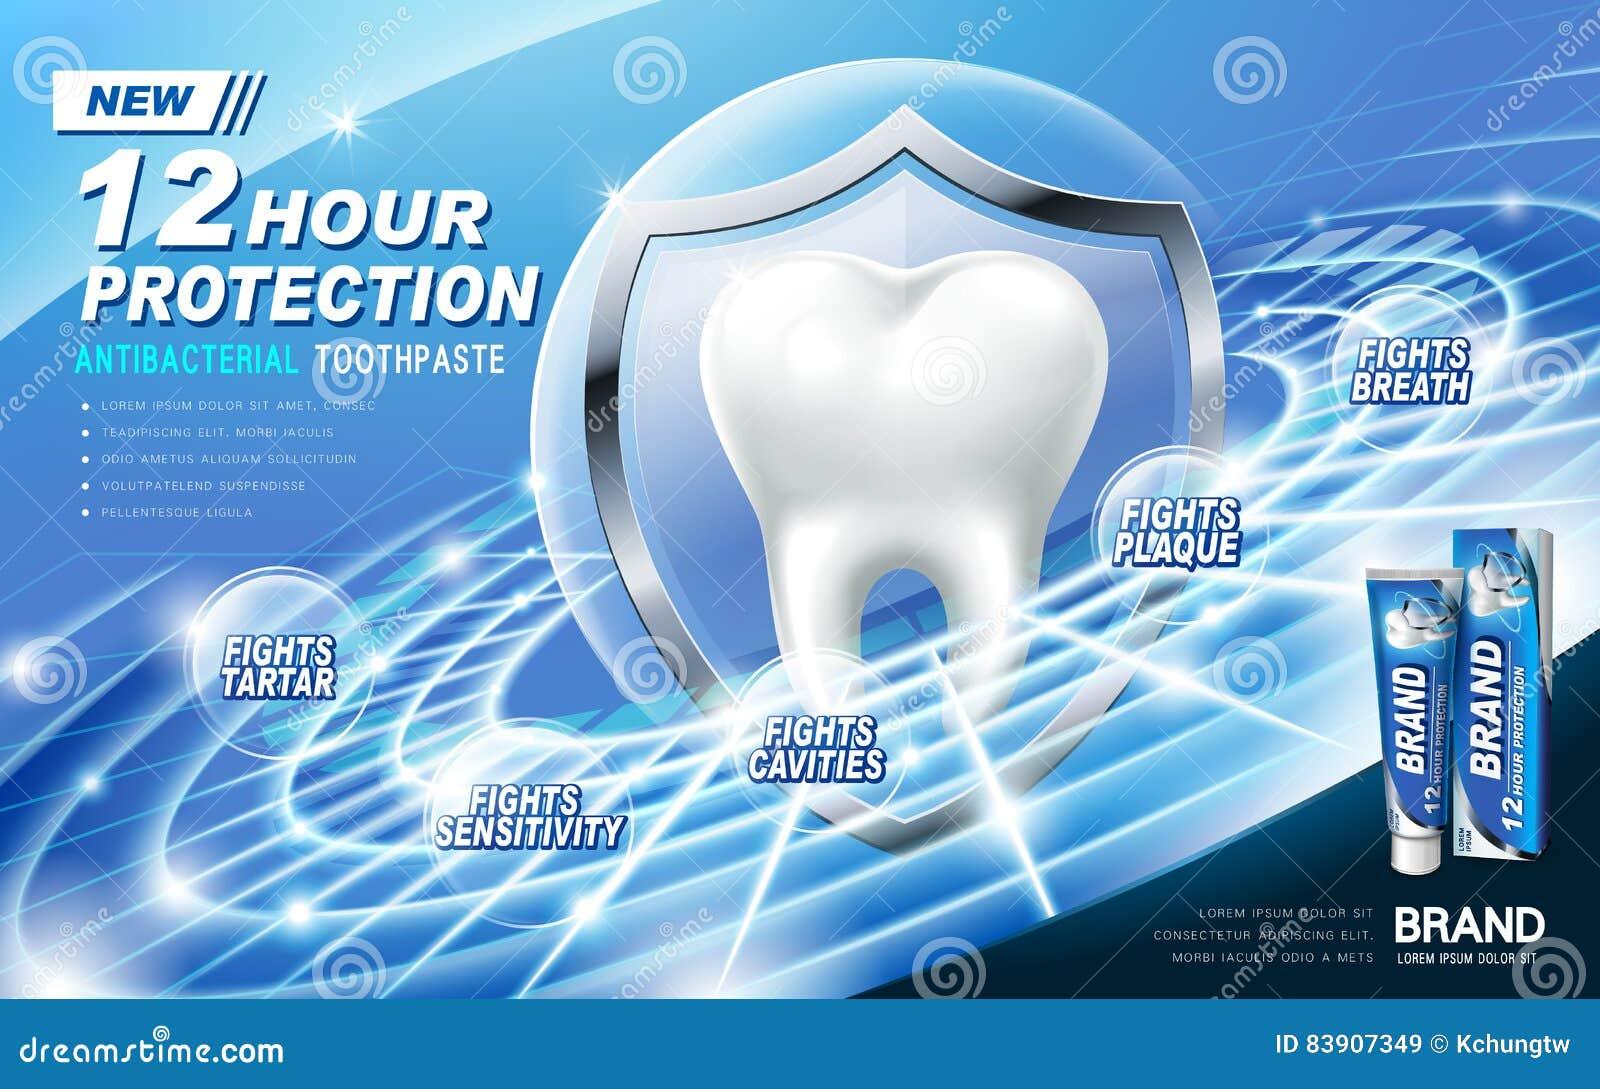 Annonce antibactérienne de pâte dentifrice